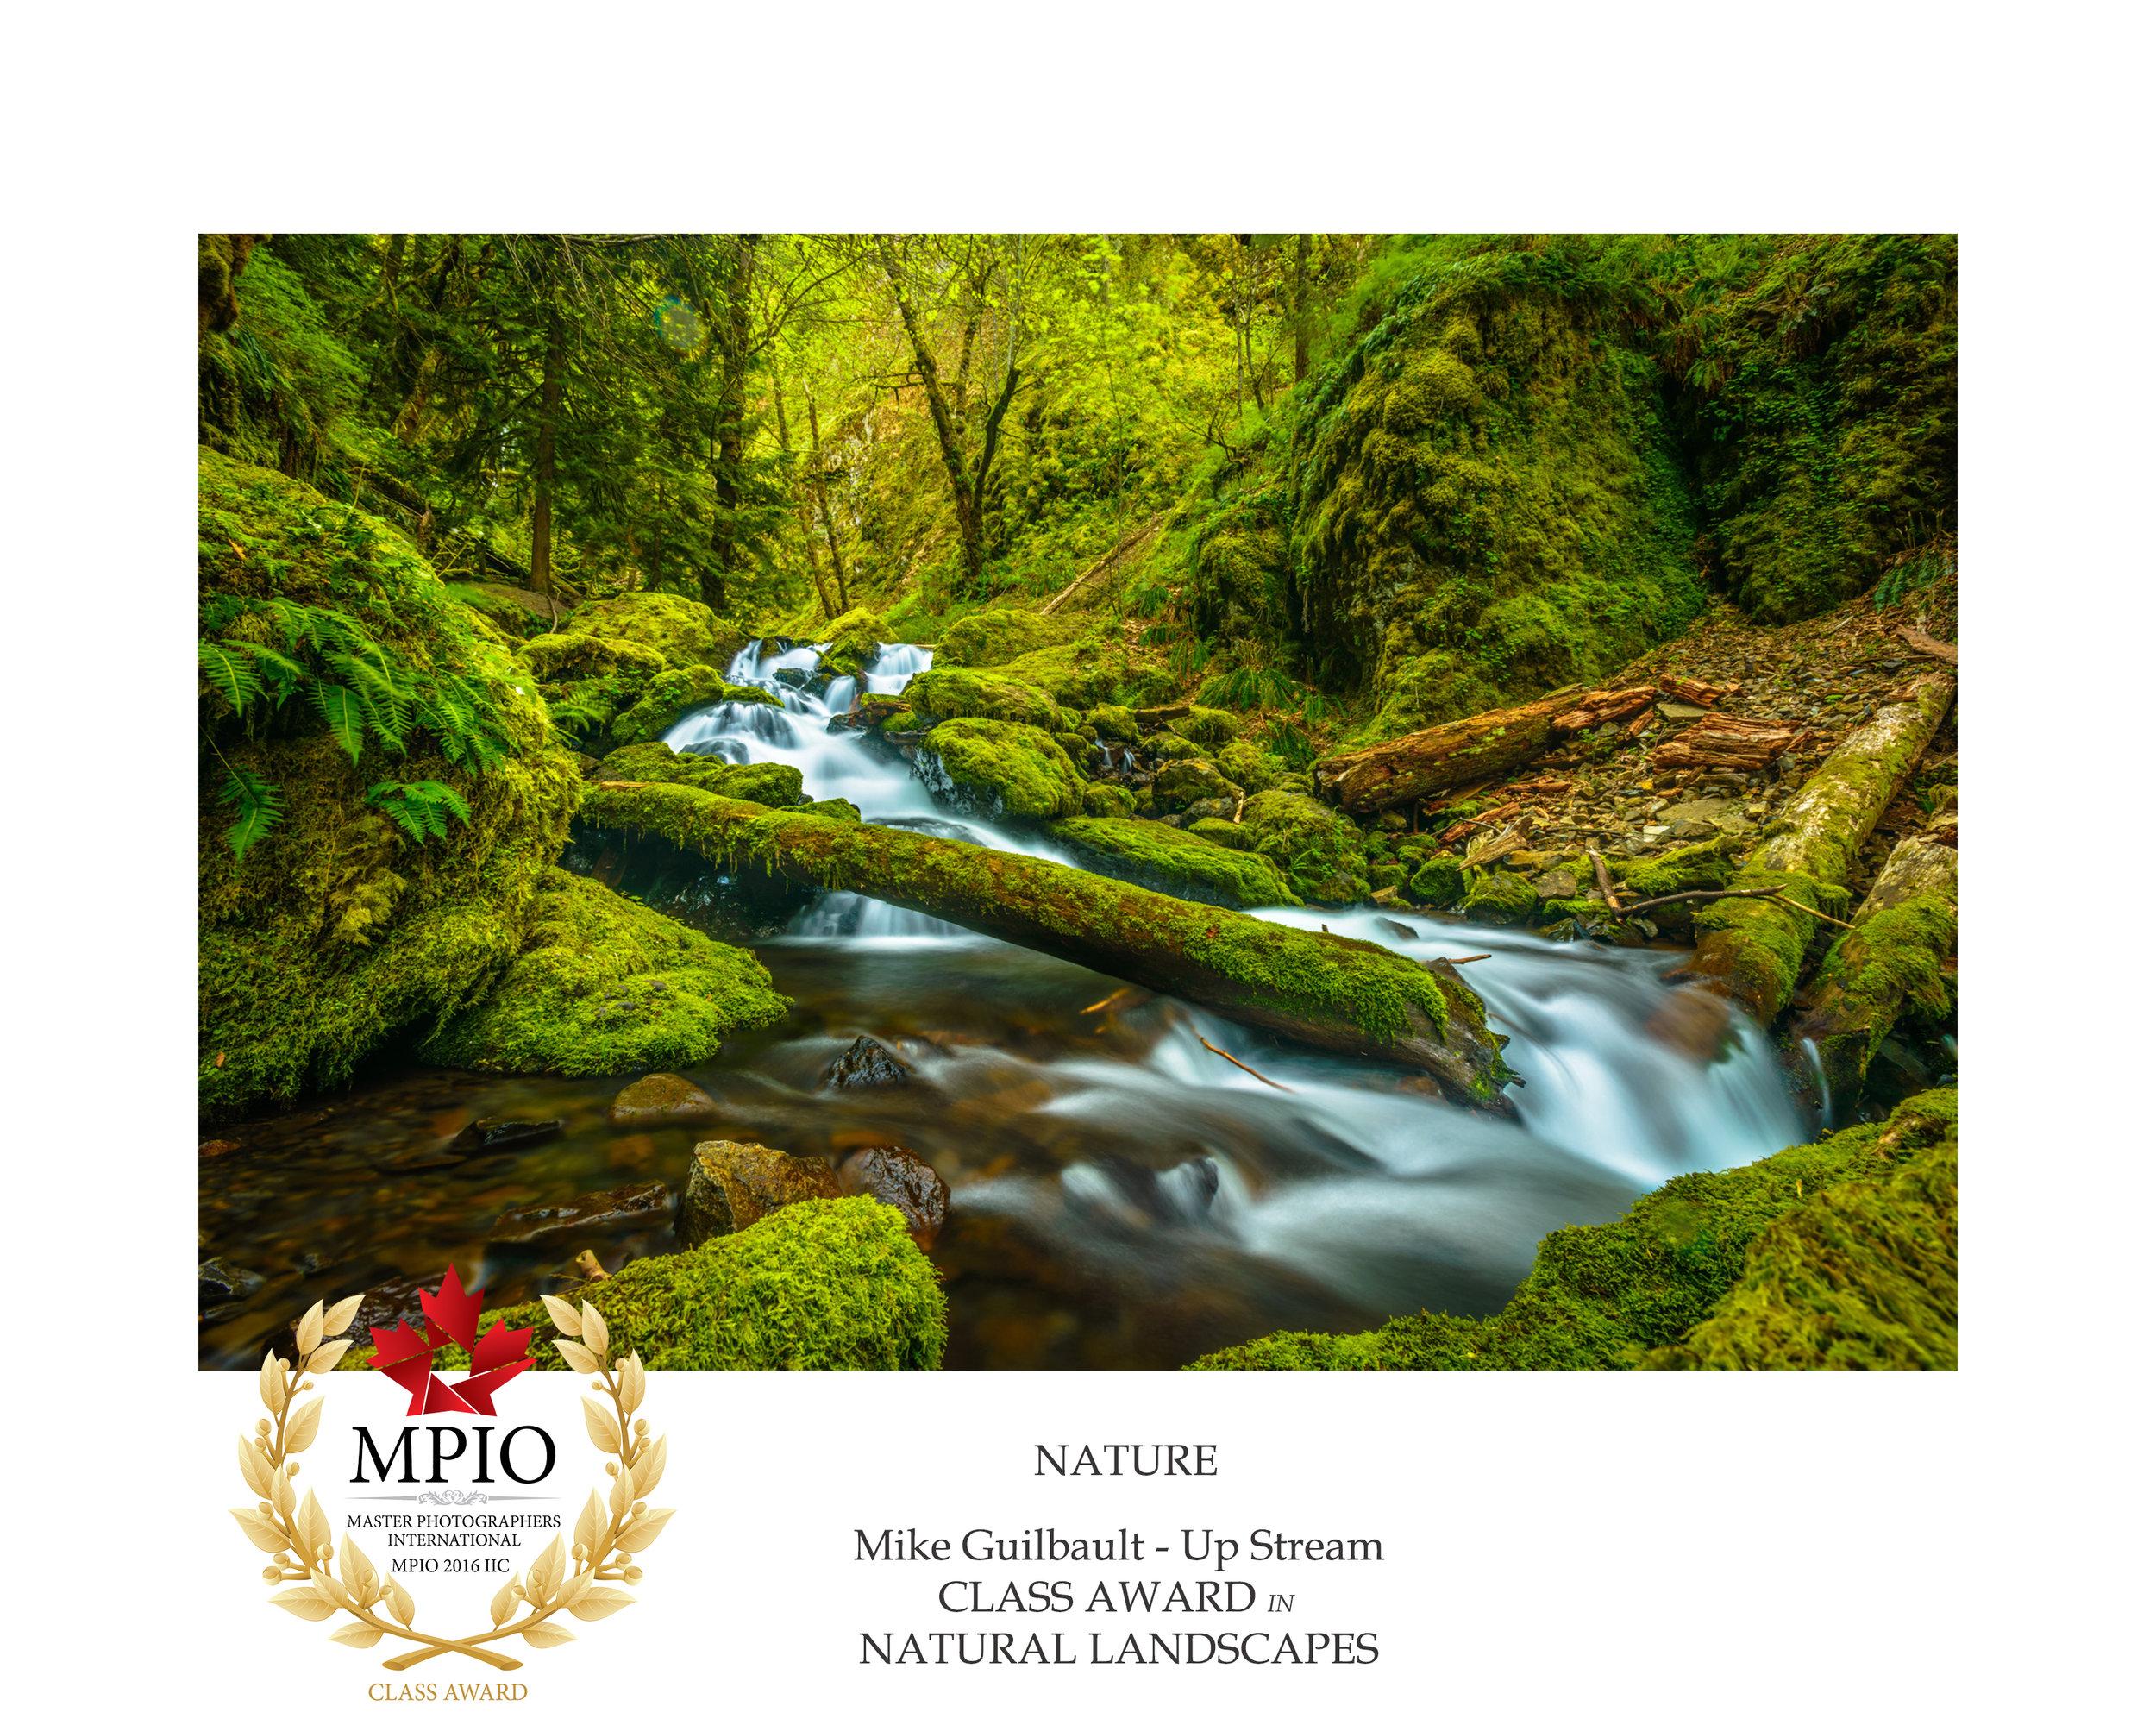 NATURE - NATURAL LANDSCAPES.jpg